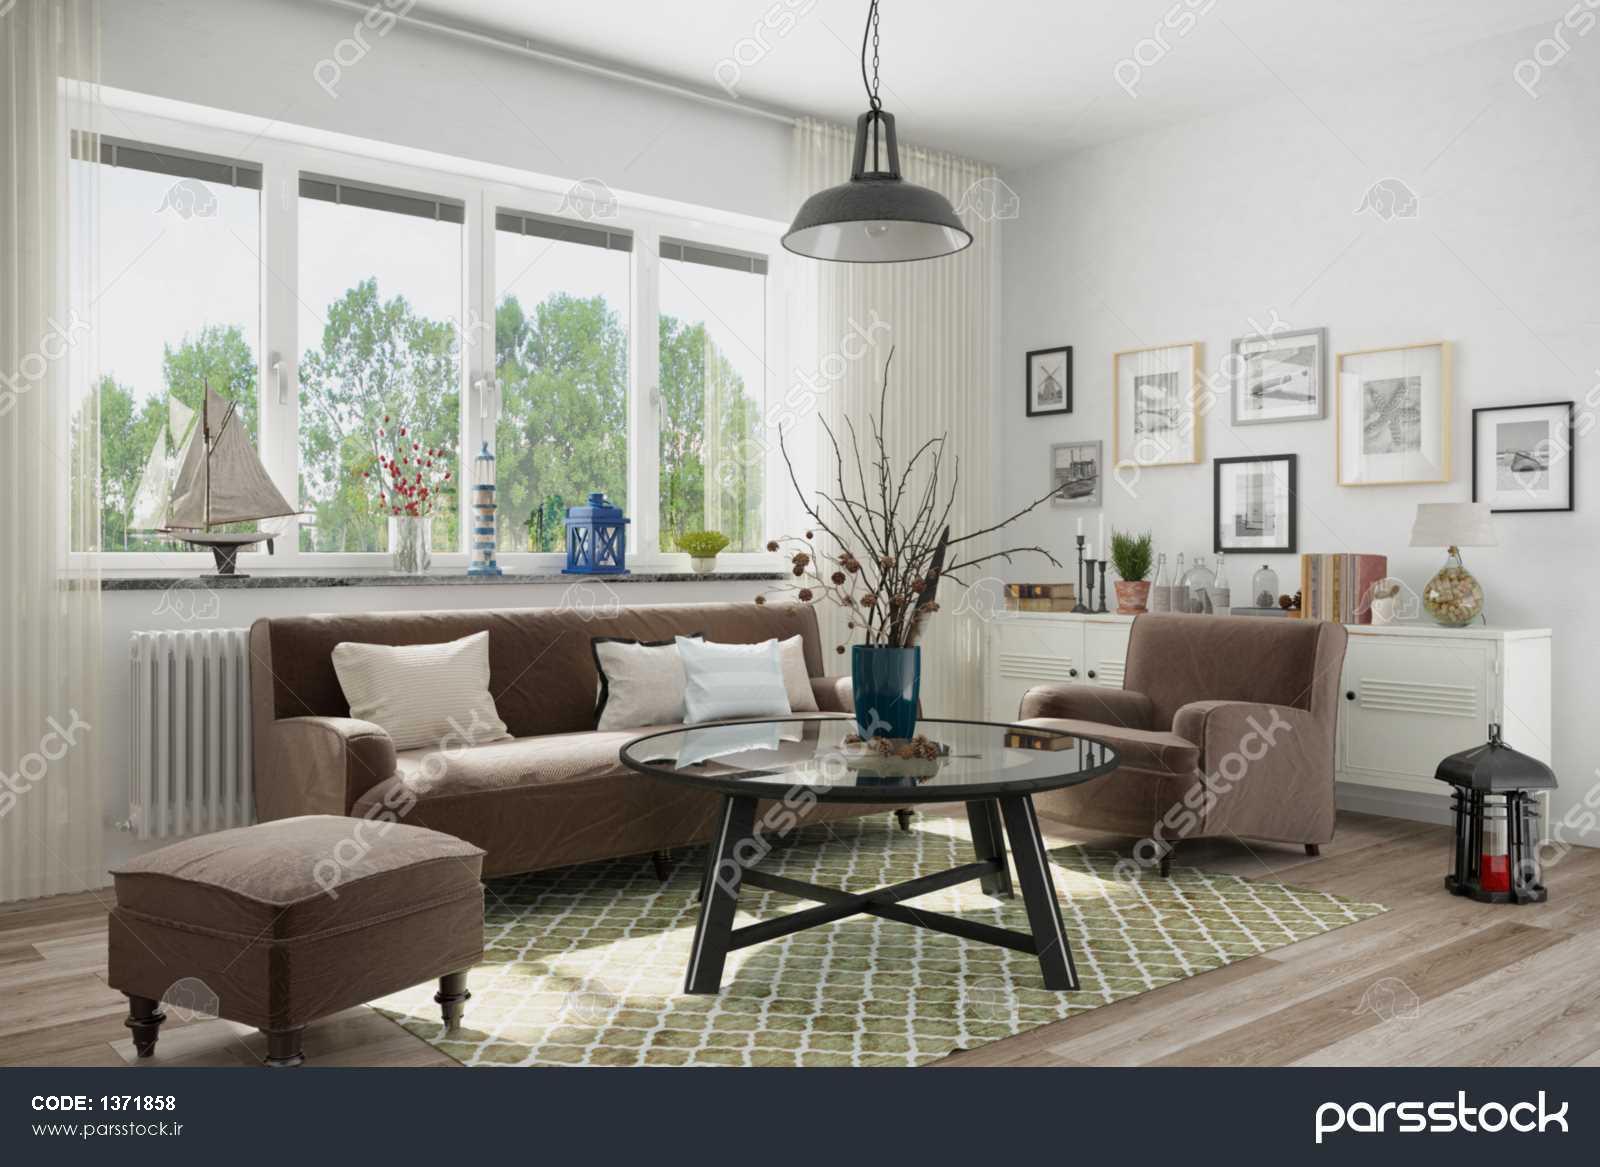 Skandinavisches nordisches Wohnzimmer einem mit مبل و Sessel Deko